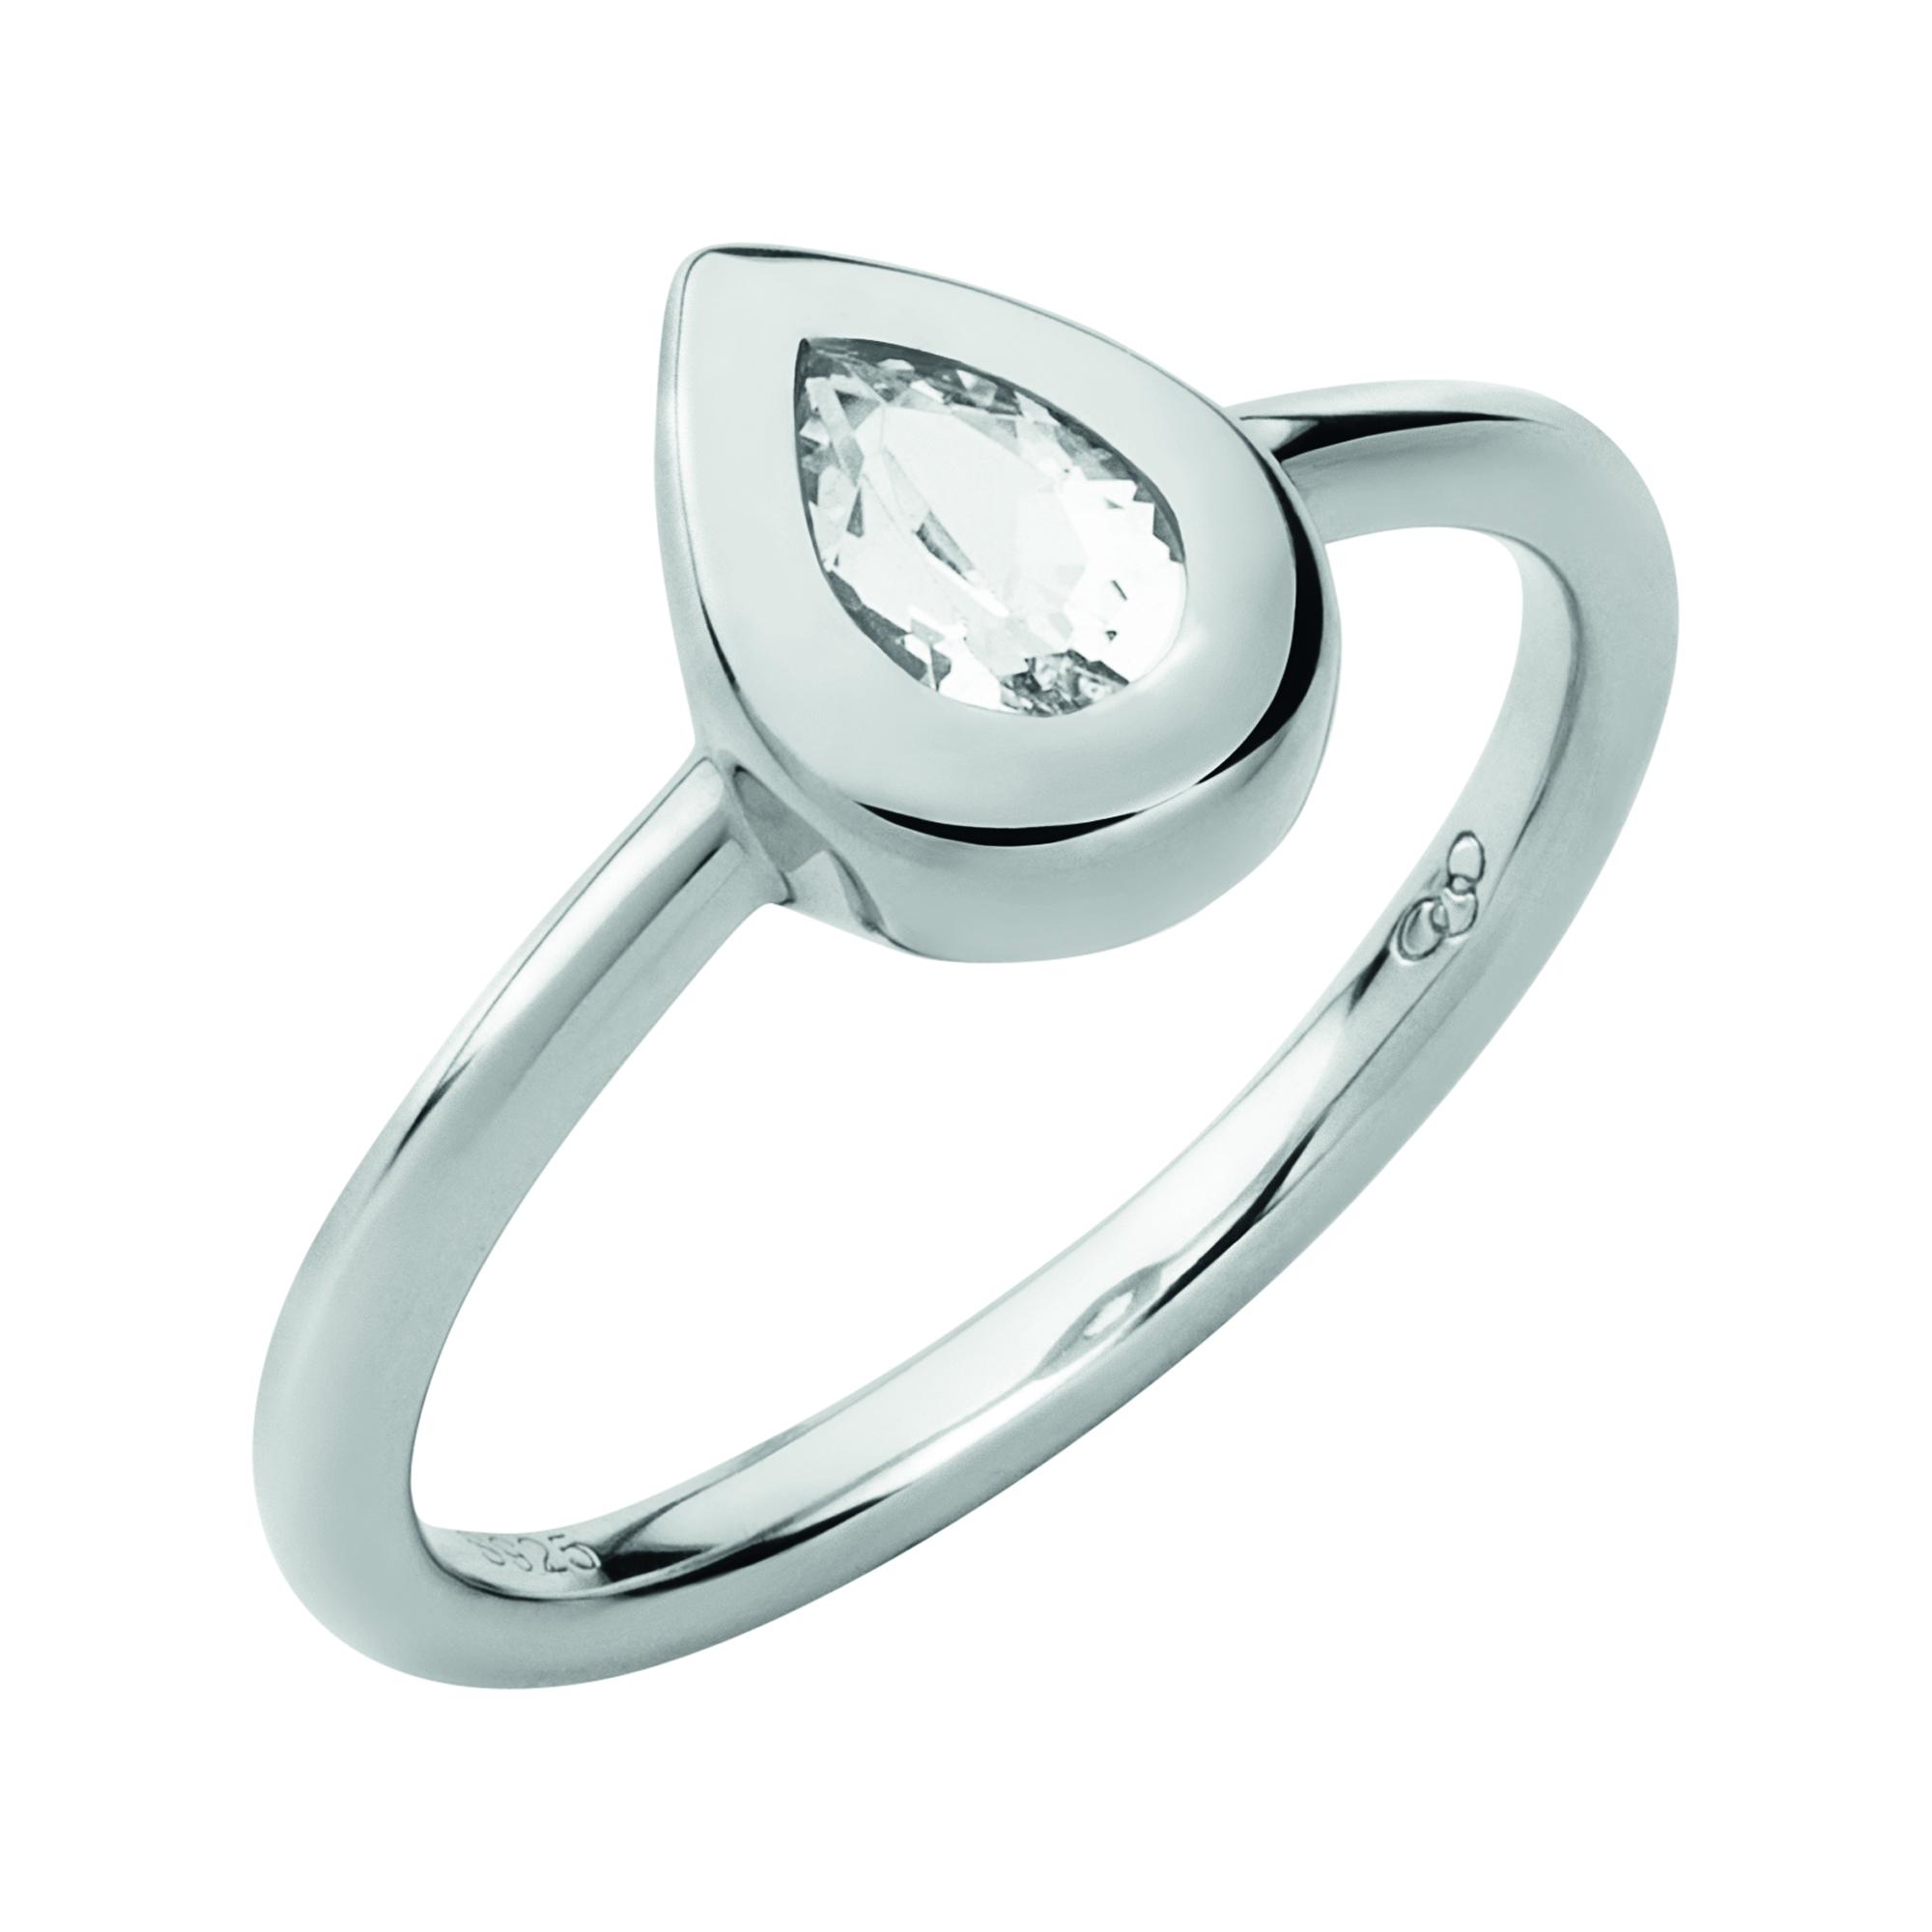 LINKS OF LONDON - Ασημένιο δαχτυλίδι ROSE DEW - μέγεθος 51 γυναικεία αξεσουάρ κοσμήματα δαχτυλίδια